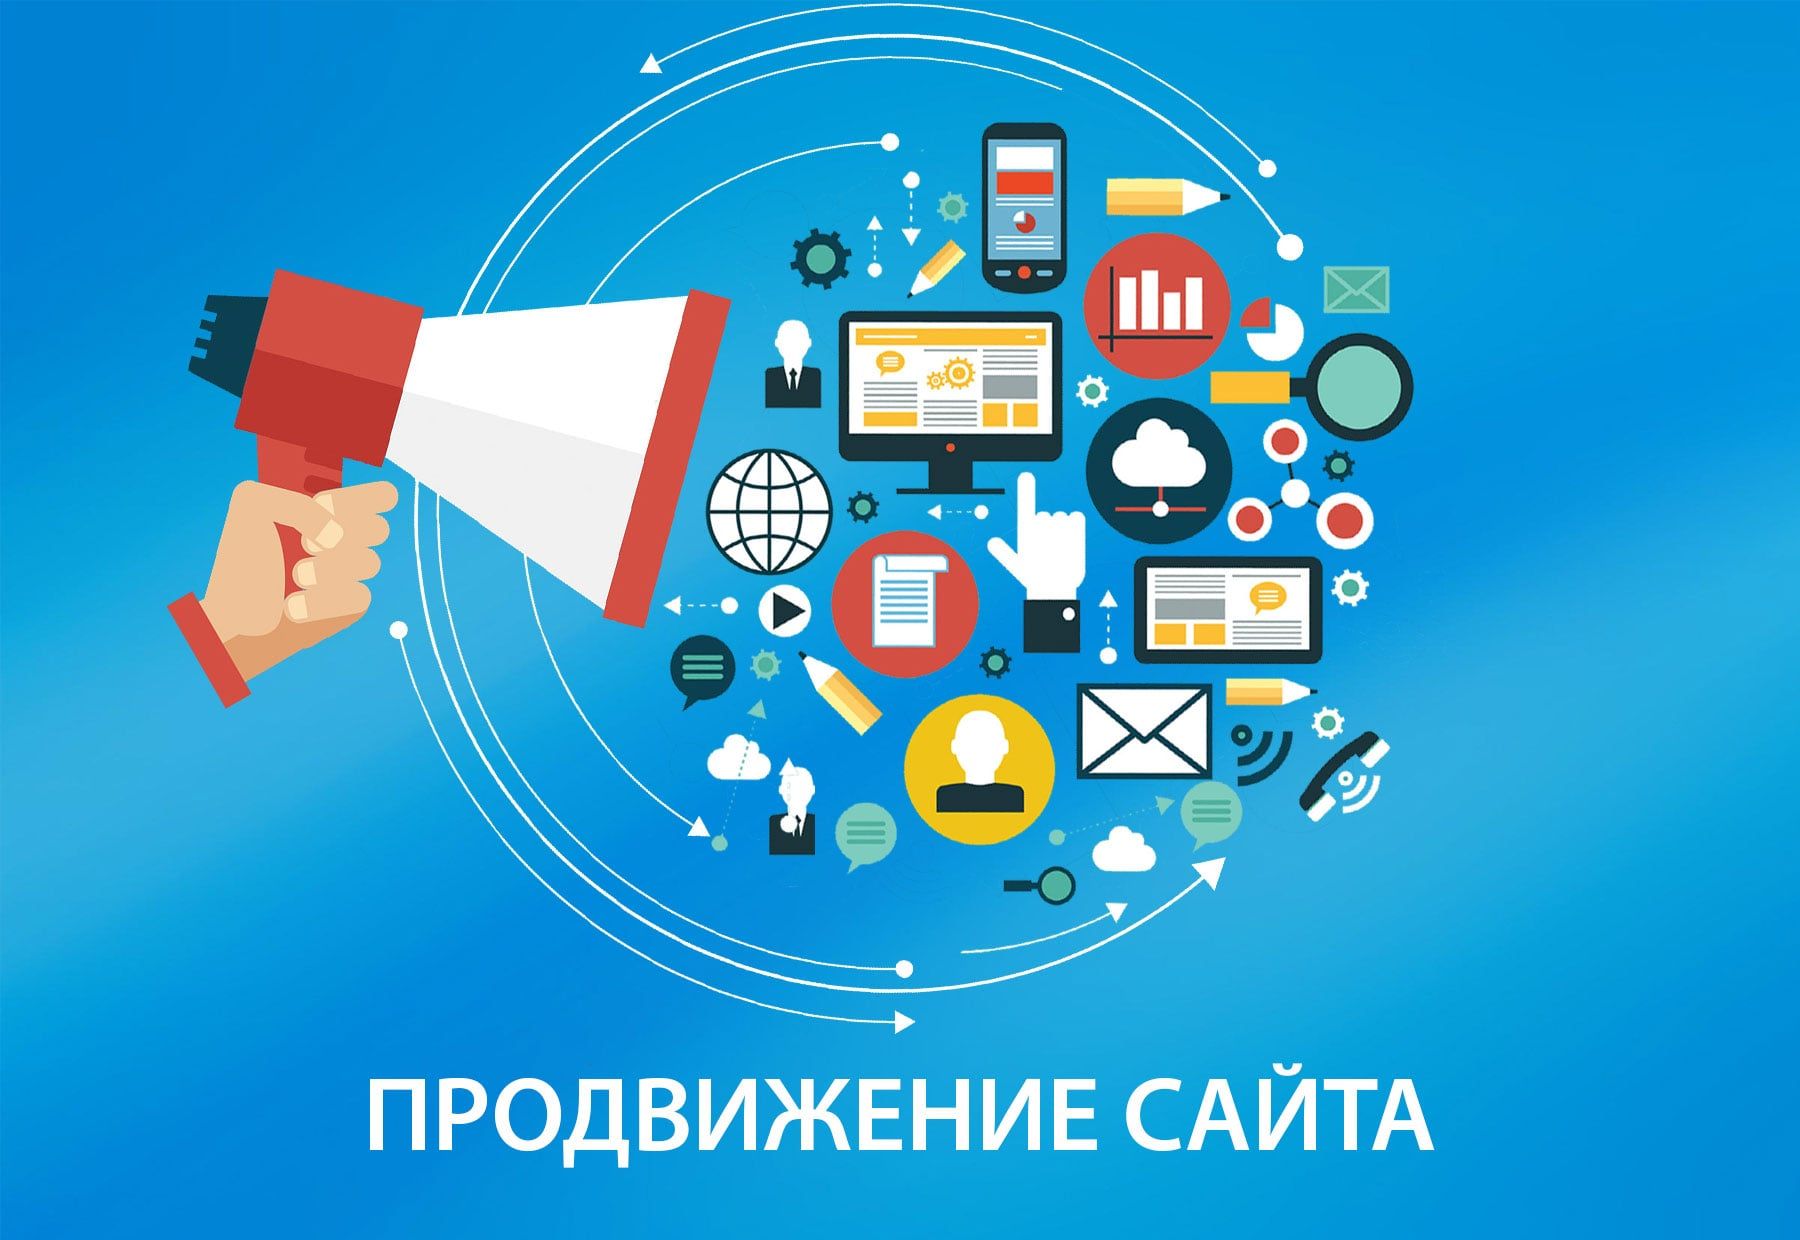 Продвижение сайтов частник втб страховая компания официальный сайт осаго